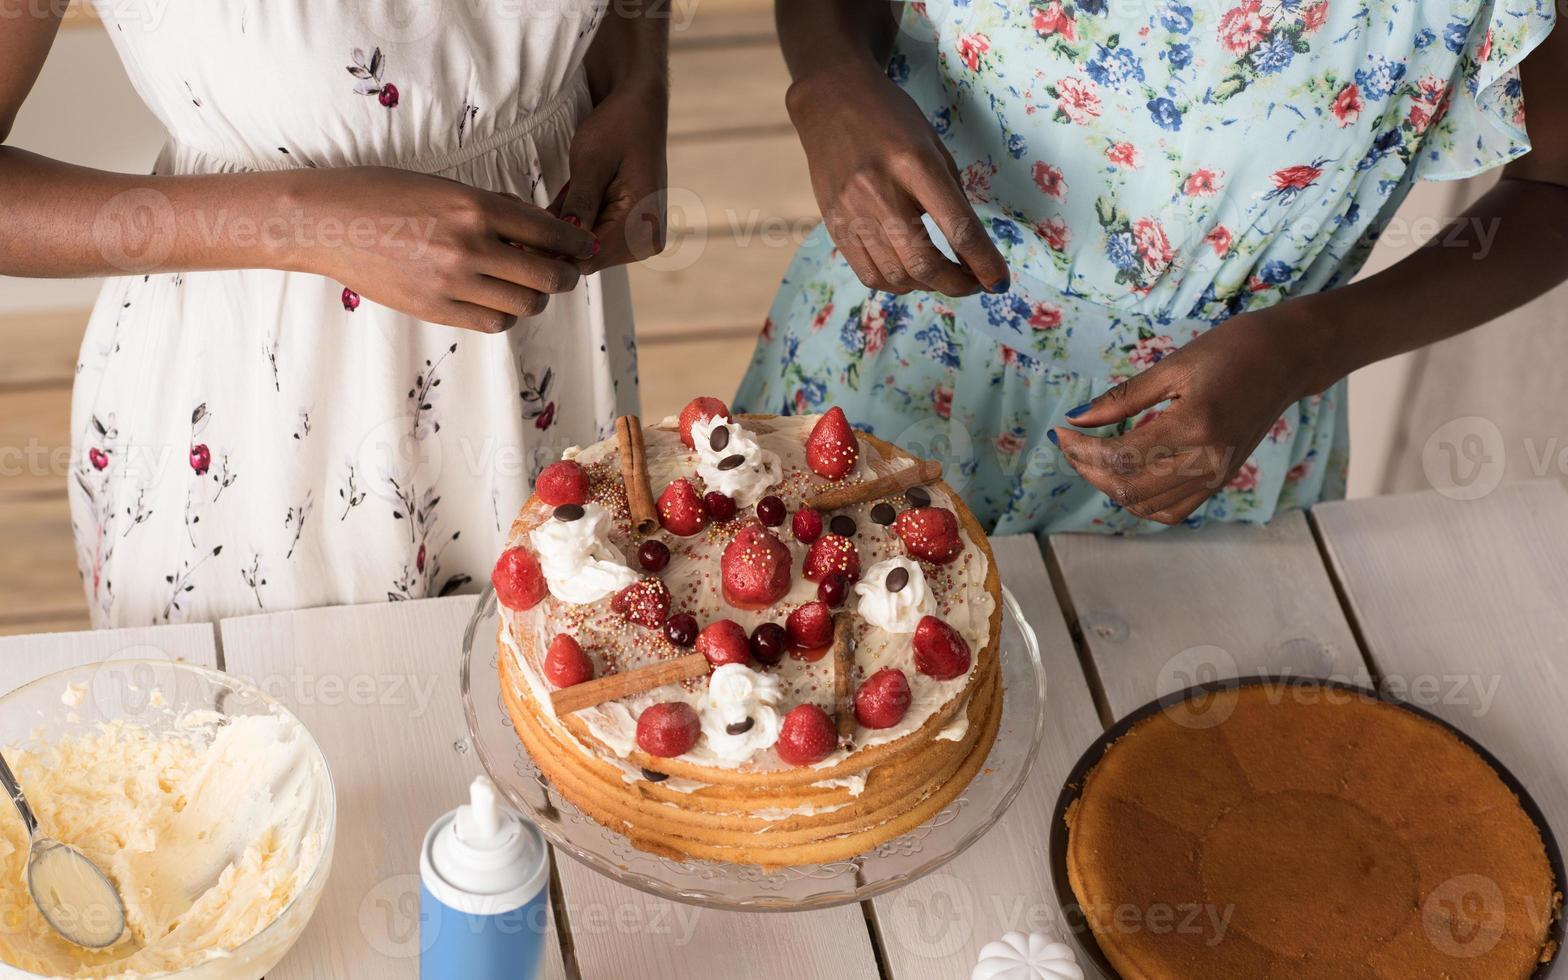 mulheres cozinhando bolo foto